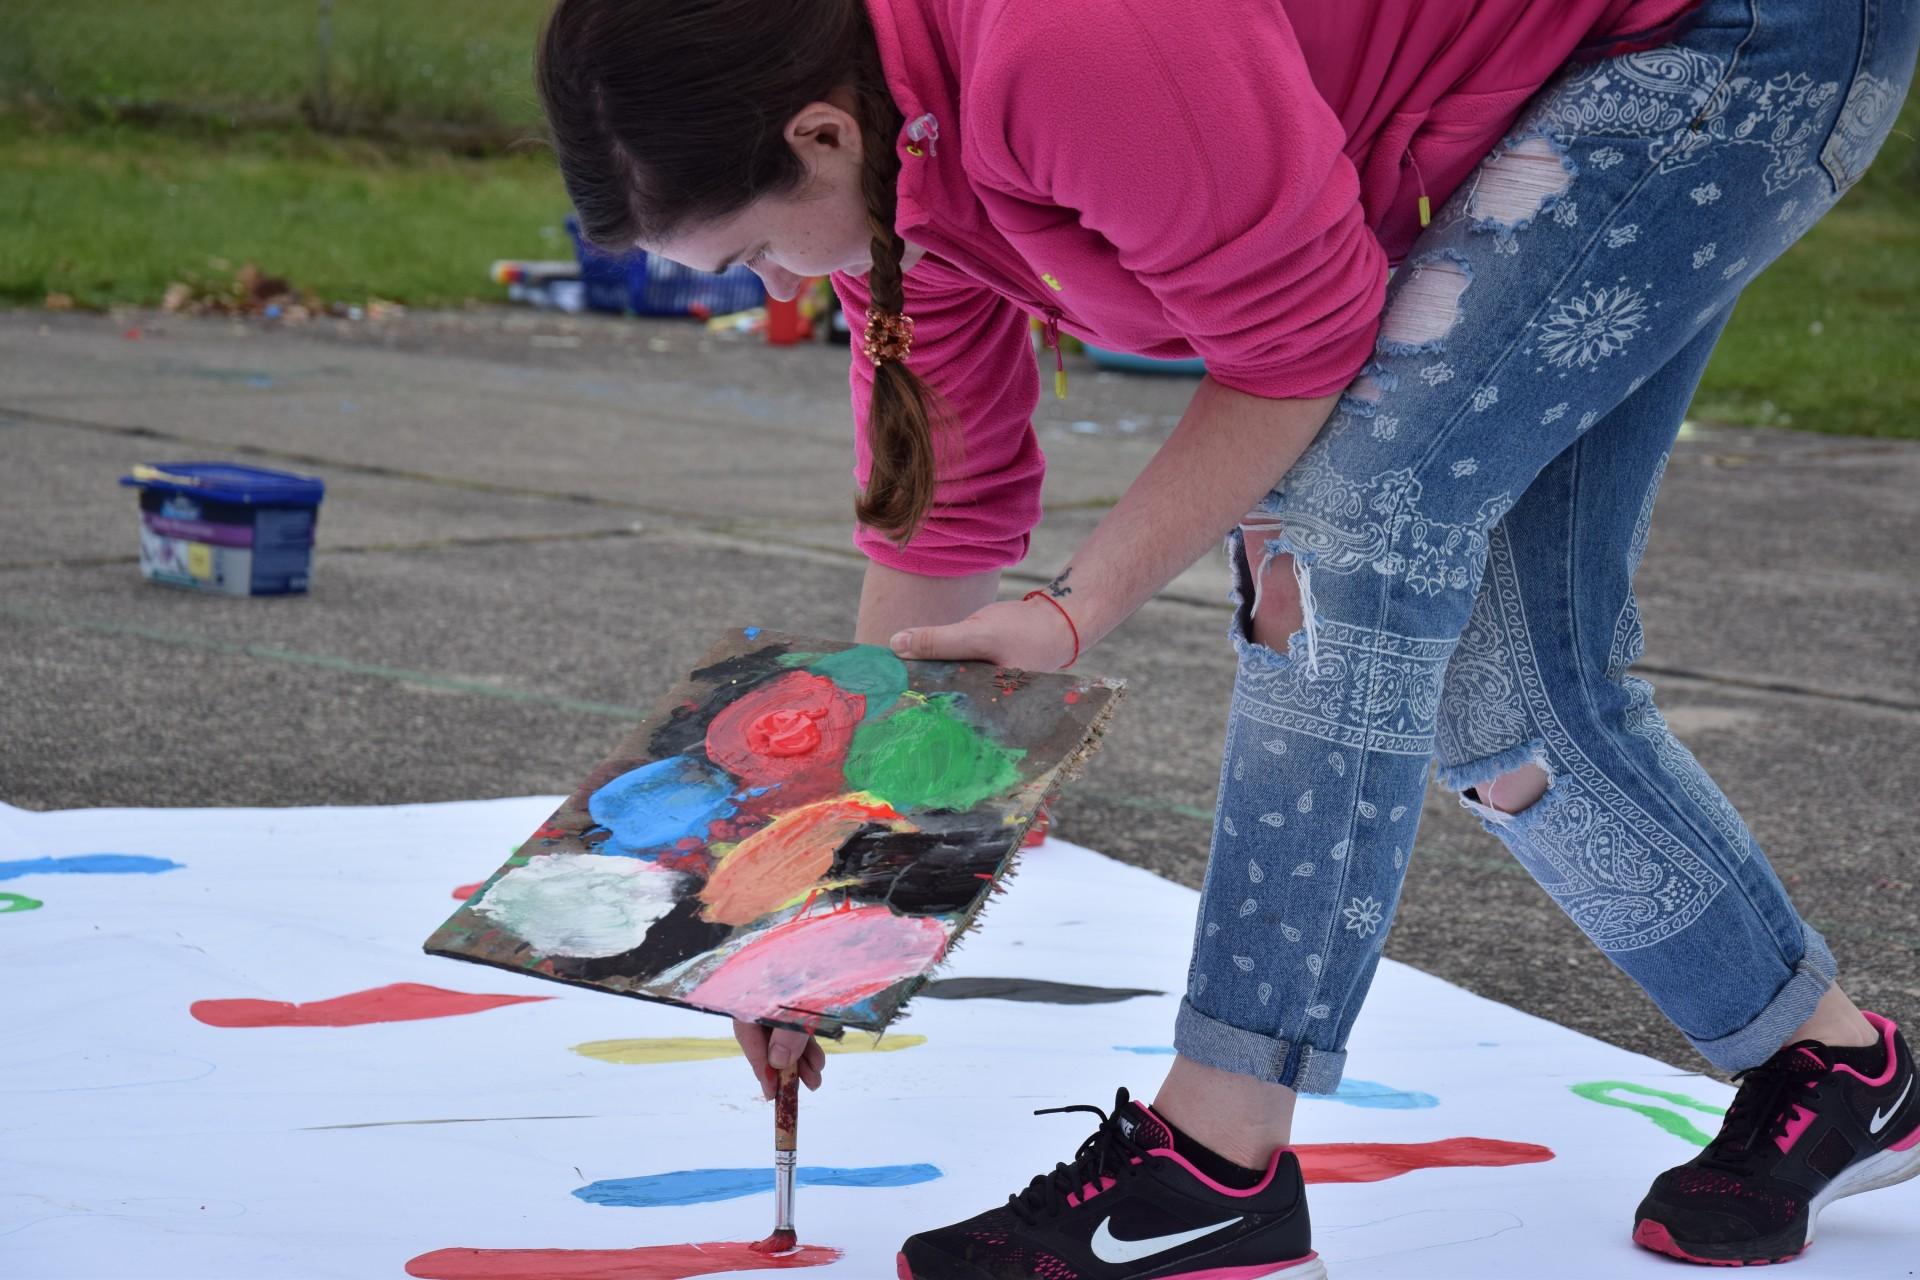 PrzyWIDZ Culture Camp Festival, 6 maja 2017. Malarstwo. Fot. Edyta Słomczyńska/Magazyn Kaszuby